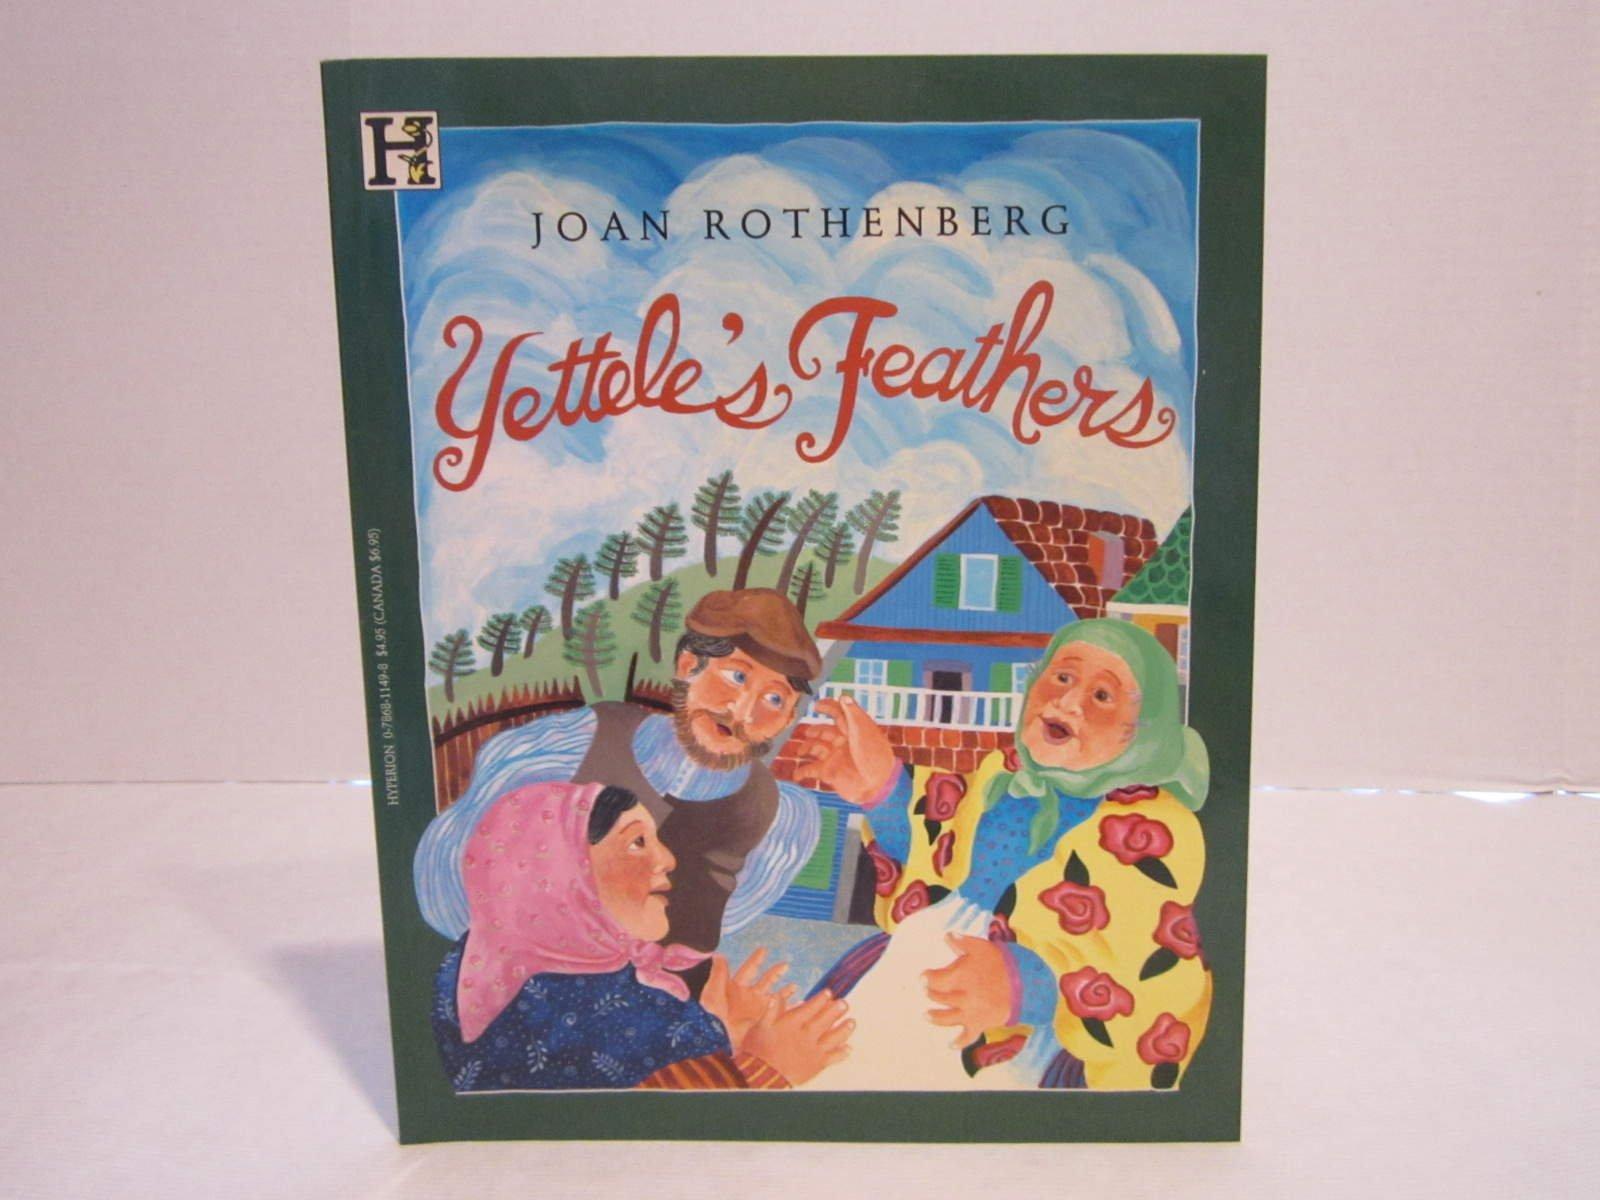 Yettele's Feathers